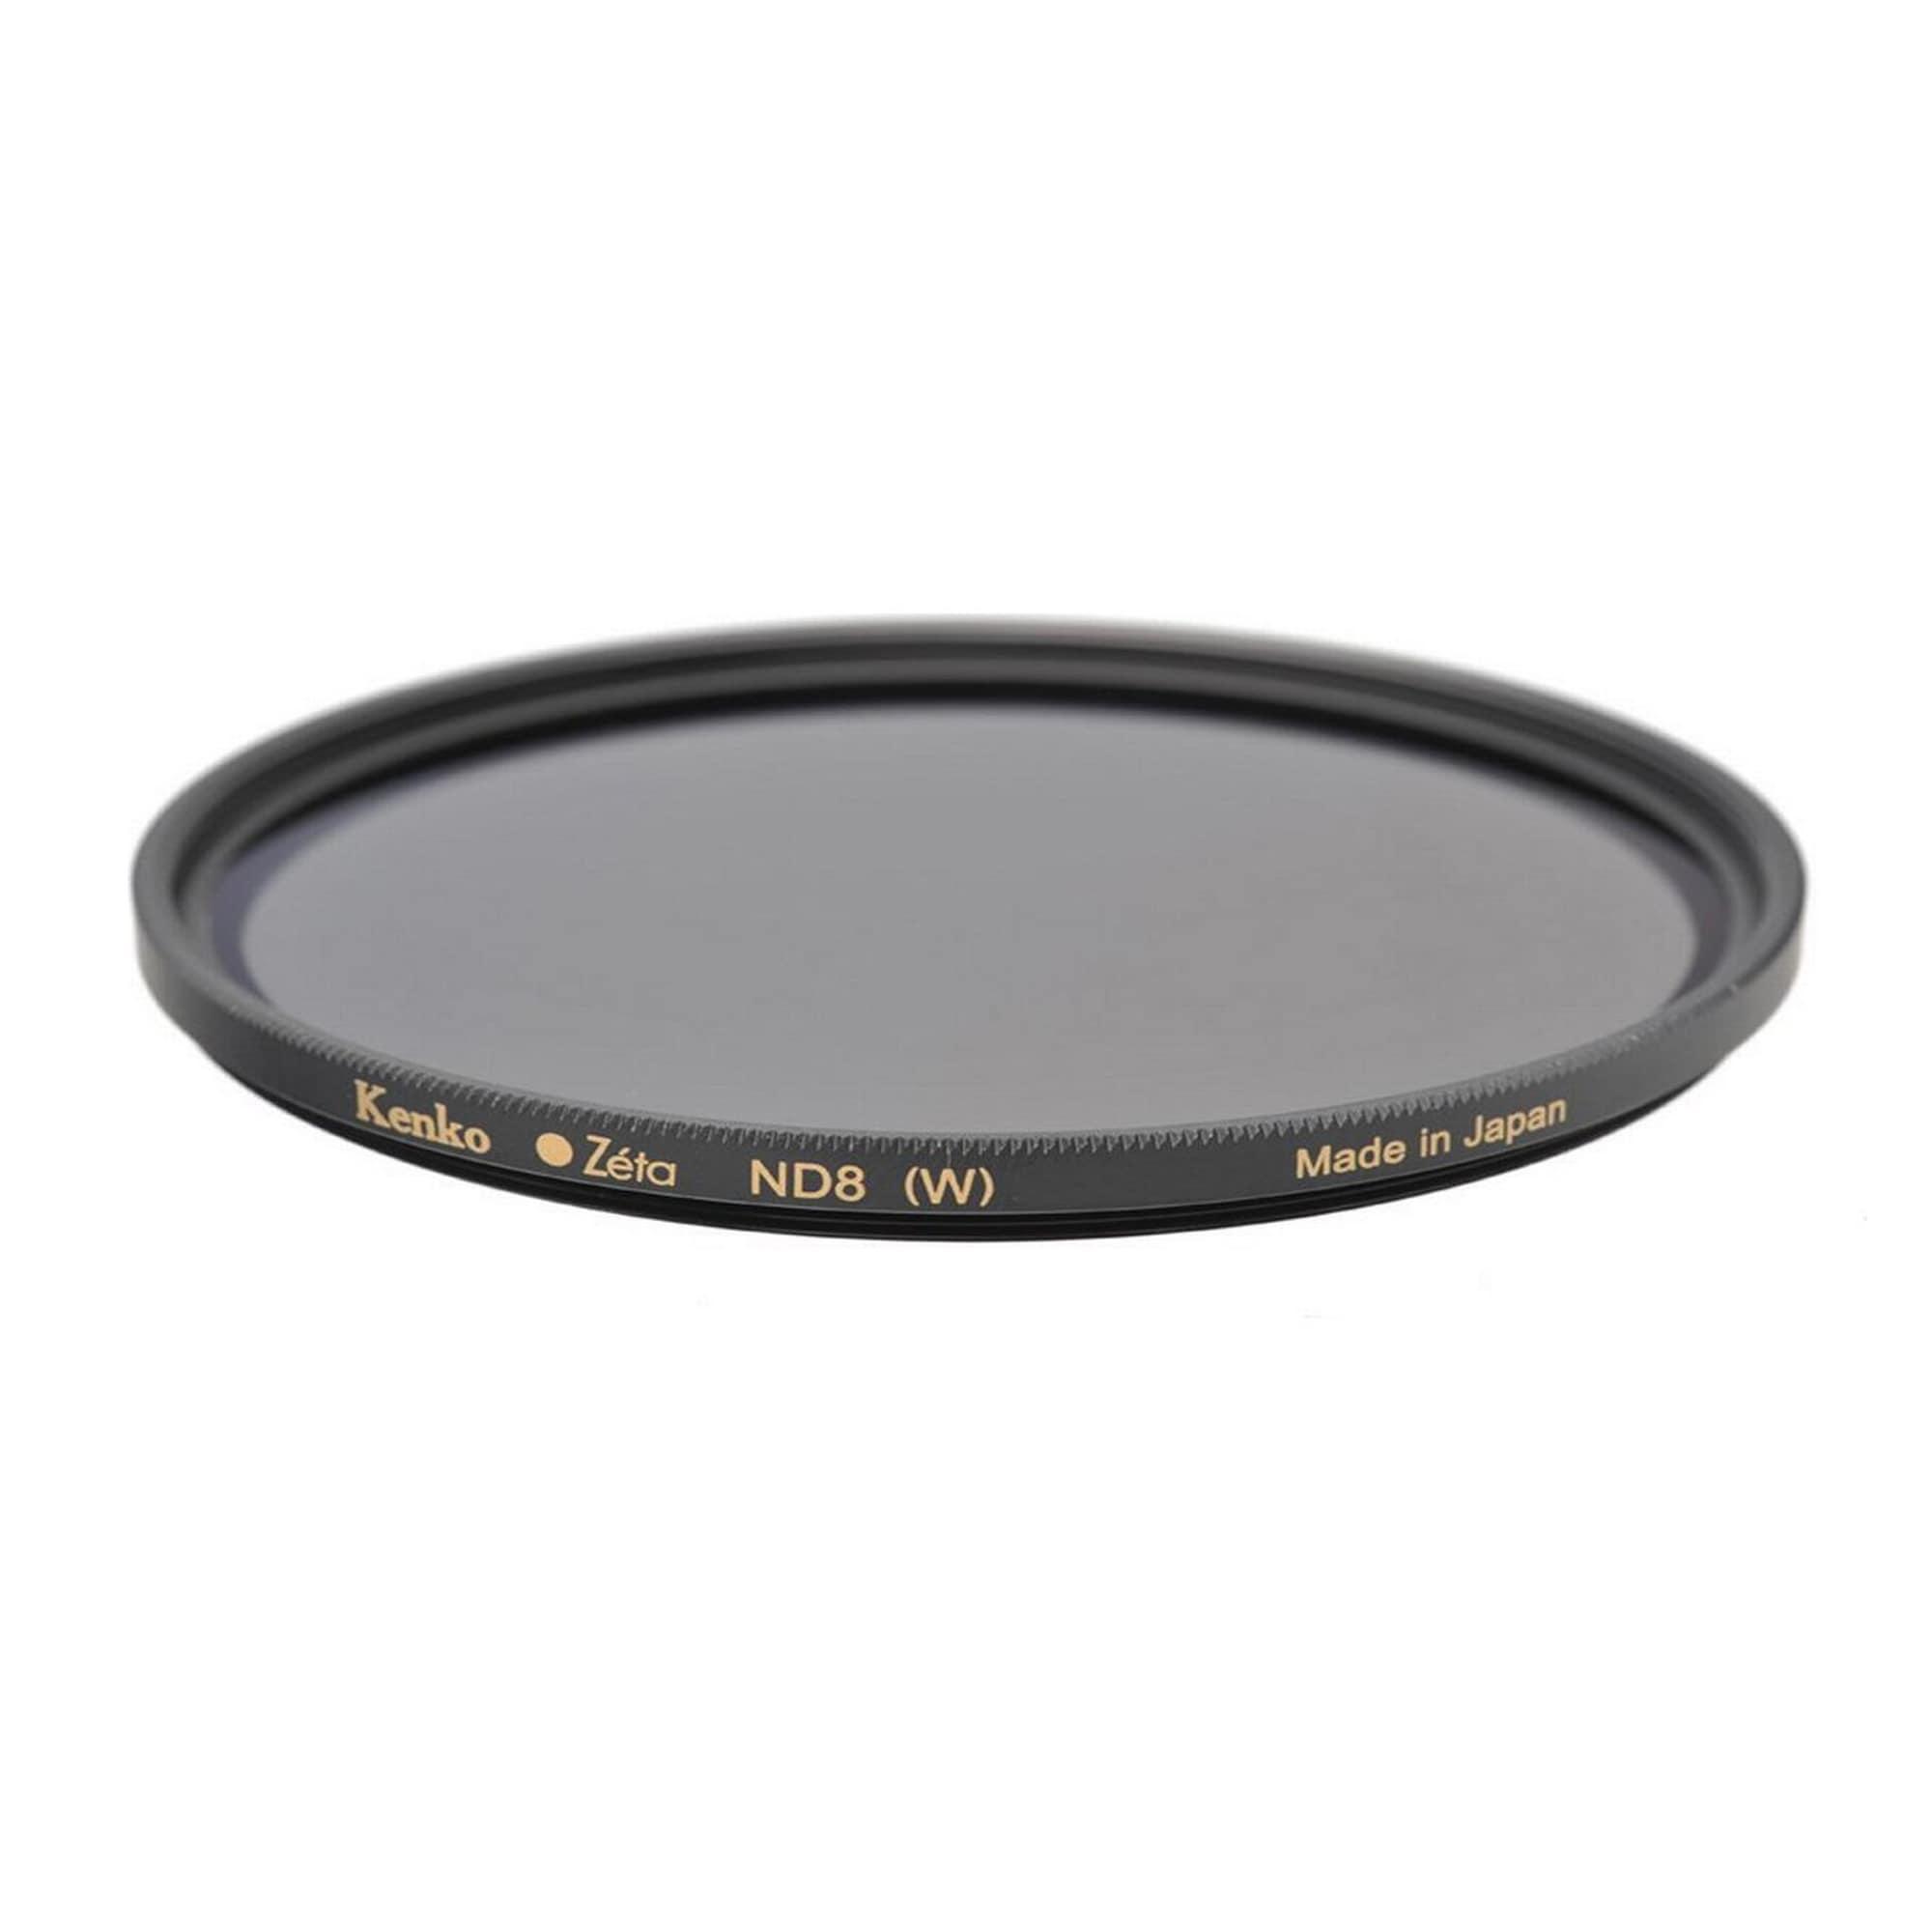 Kenko Filter Zeta Nd8 52Mm